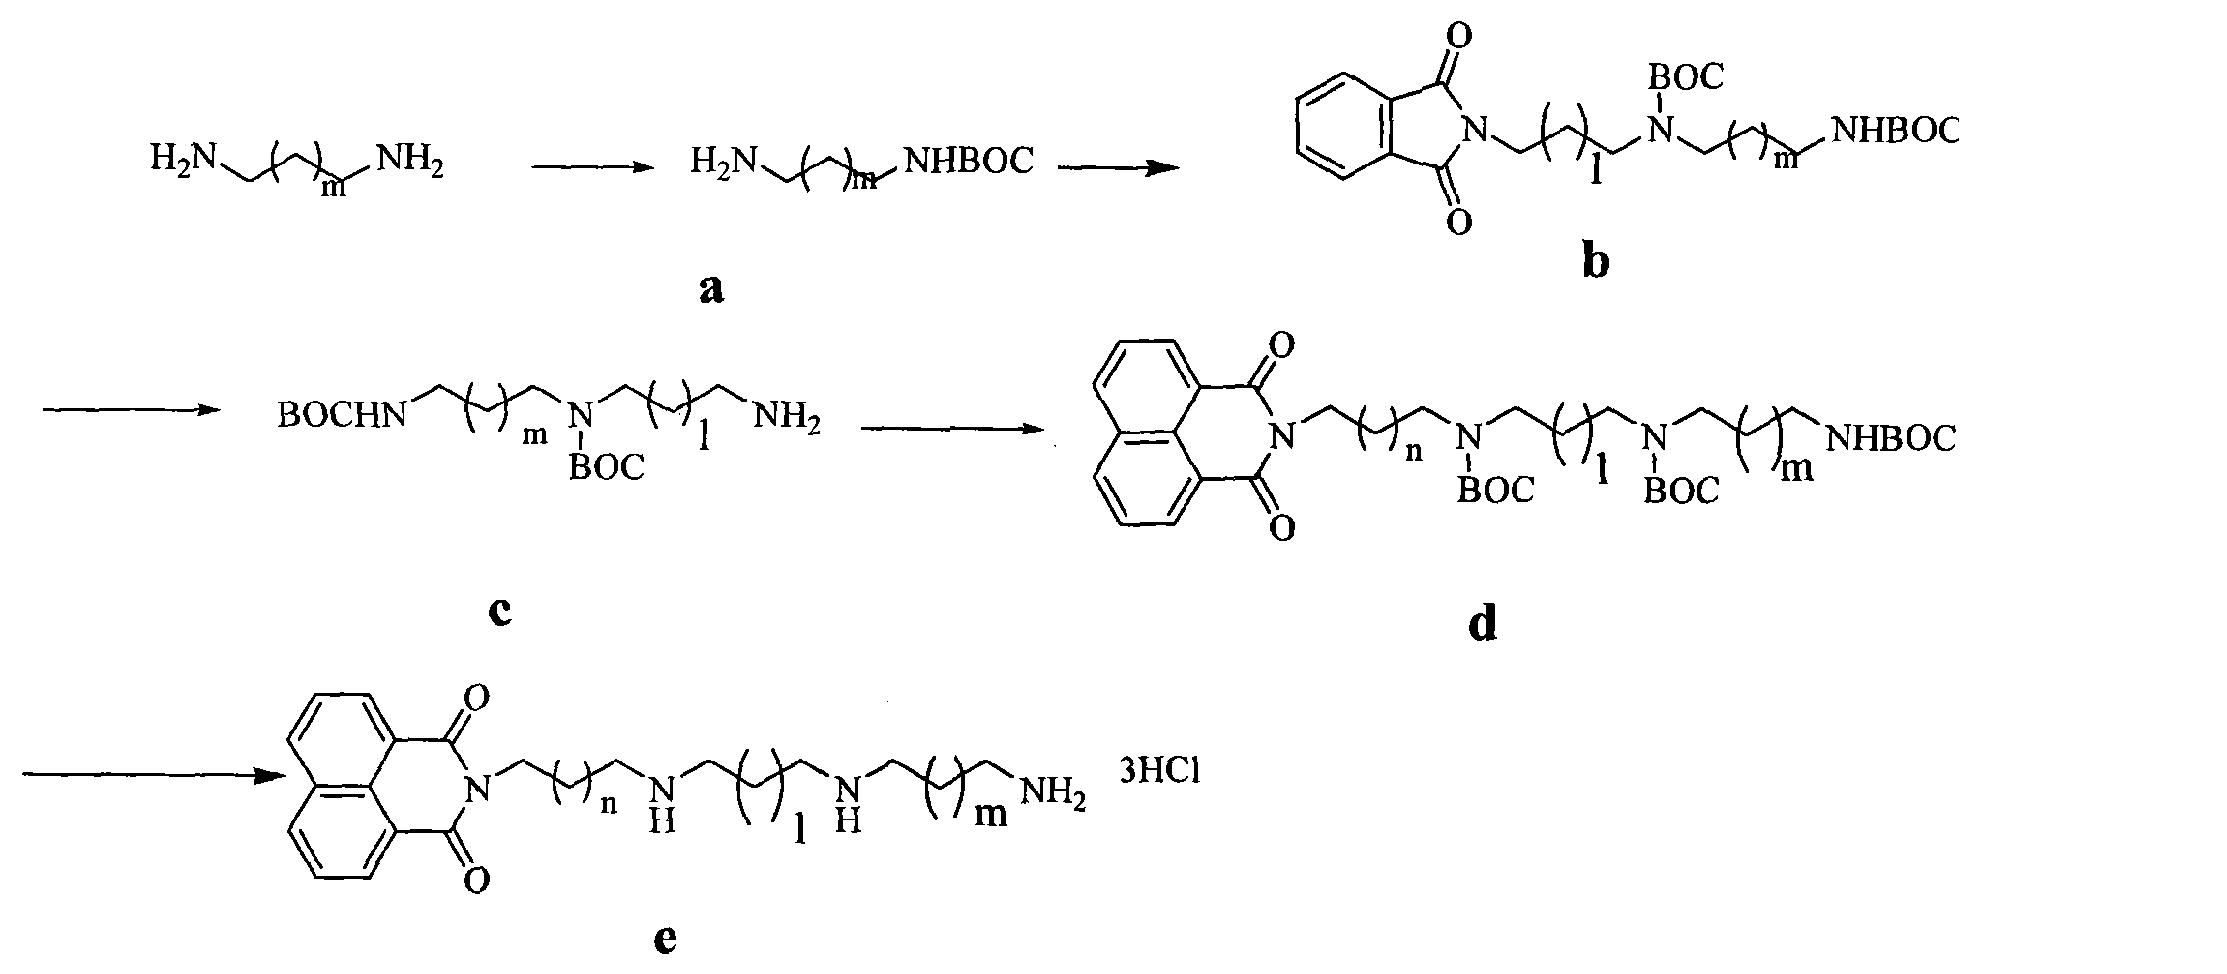 含萘酰亚胺结构的多胺衍生物的制备方法